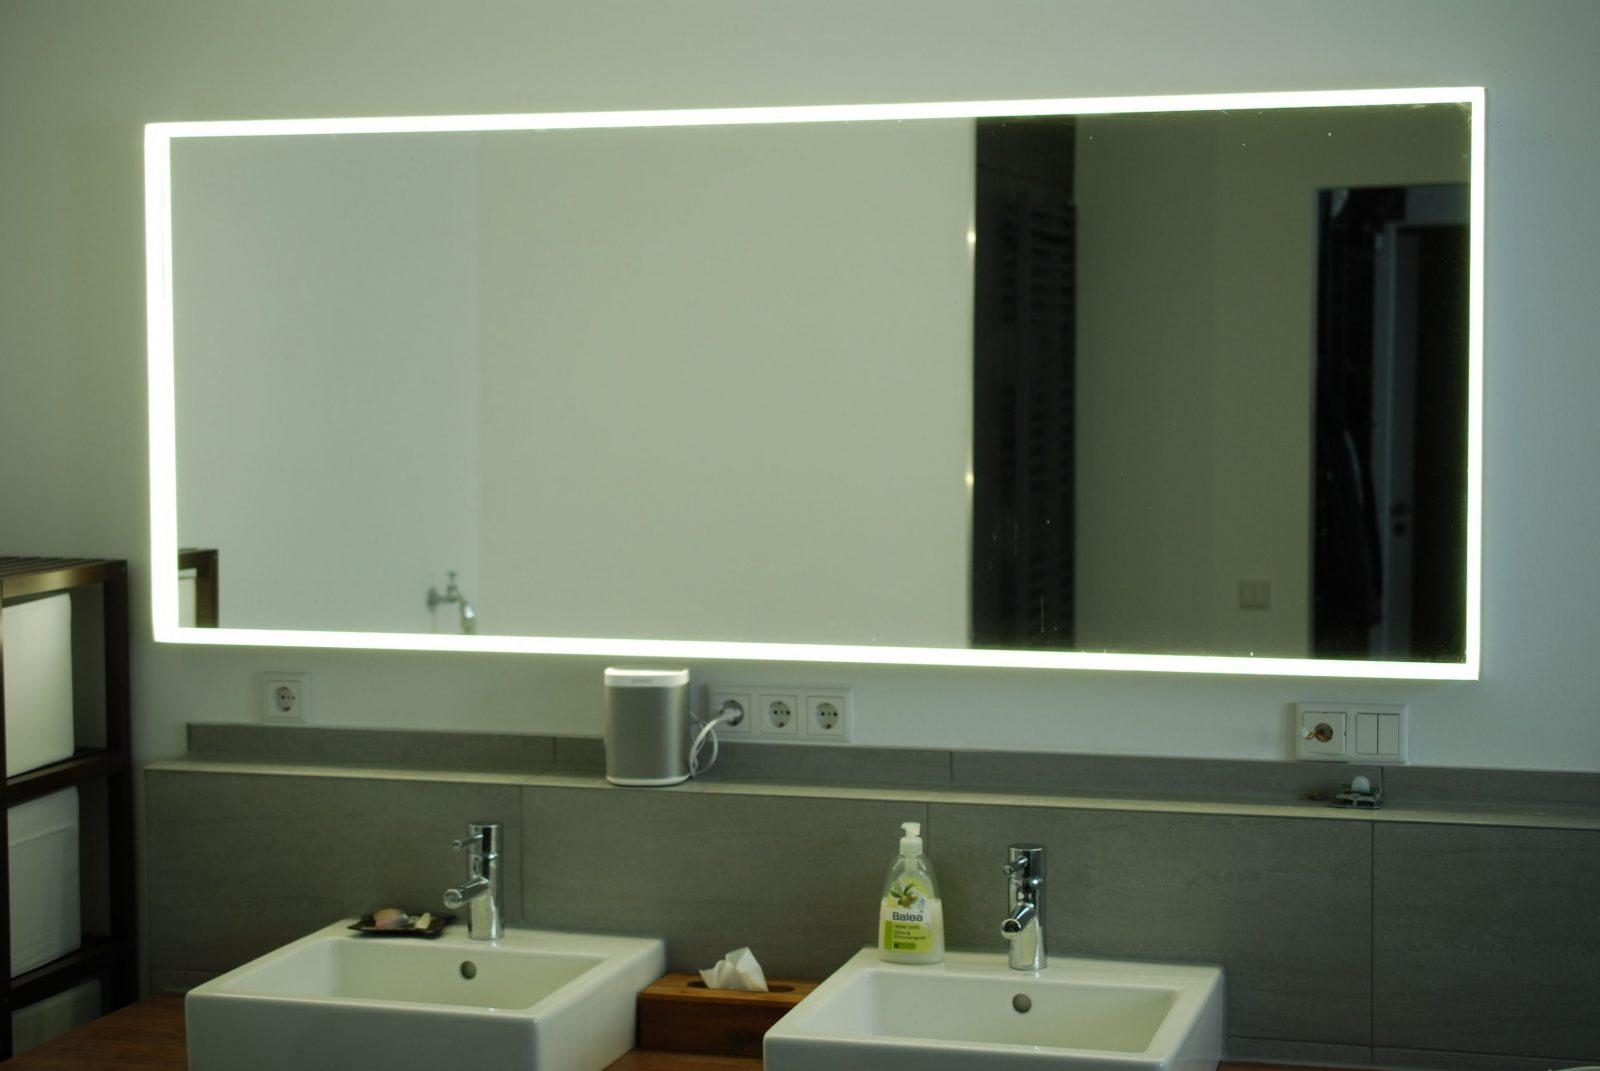 Ikeahack Ikea Spiegel Mit Eigener Led Stripe Installation Ab von Schminkspiegel Mit Beleuchtung Ikea Photo